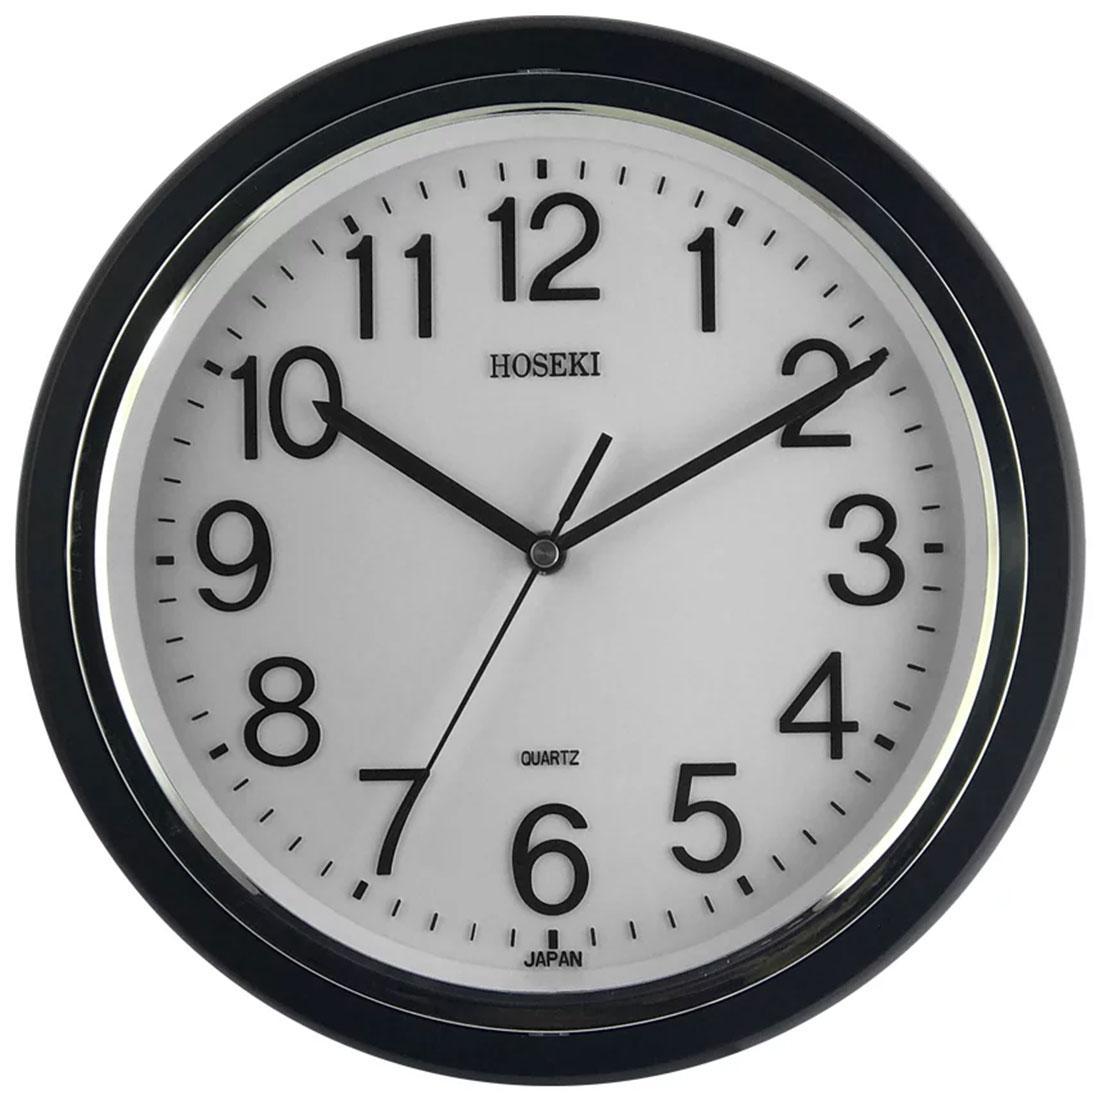 Hoseki Japan Quartz H-9403BK H-9403 Black Round Analog Decor Wall Clock